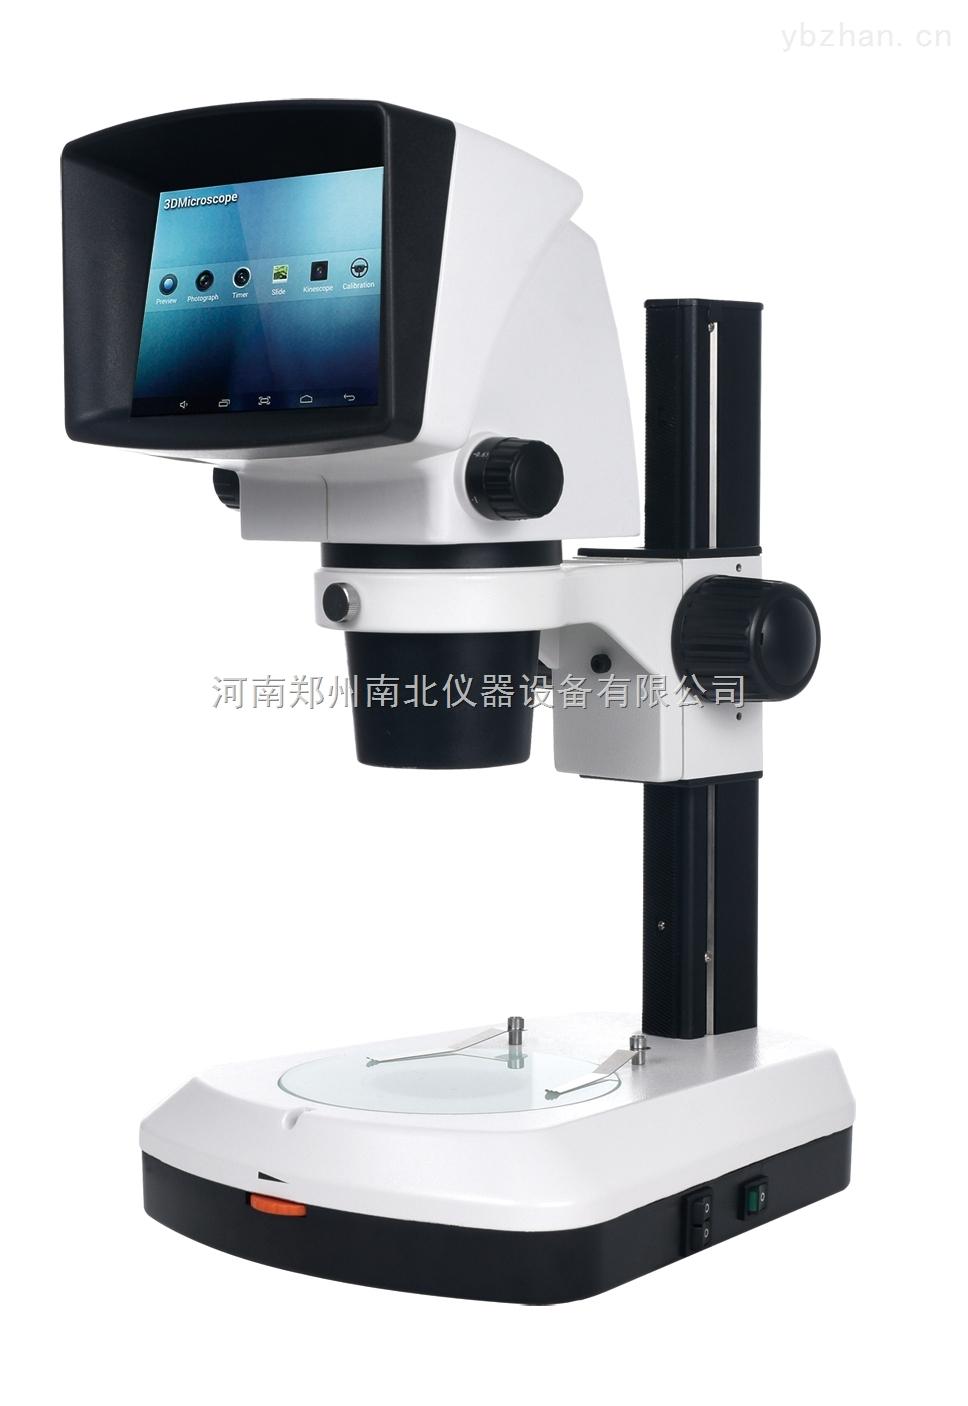 3D光學顯微鏡,高精度3D光學顯微鏡